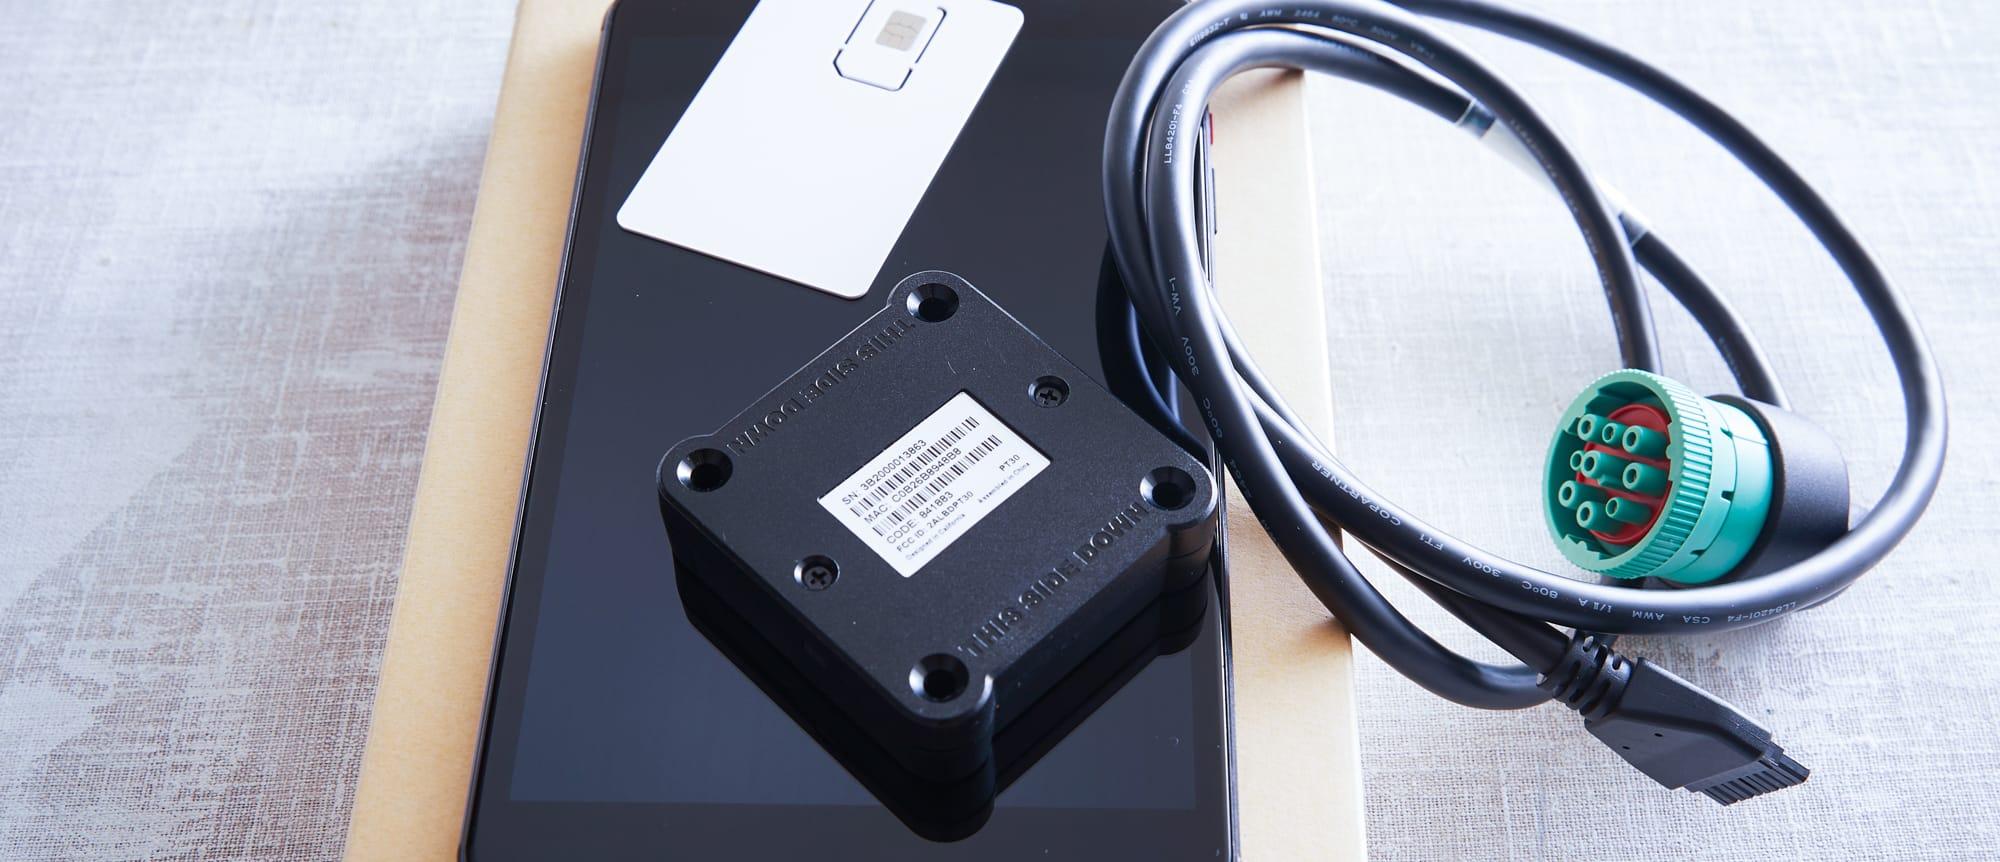 hos247 e-log device